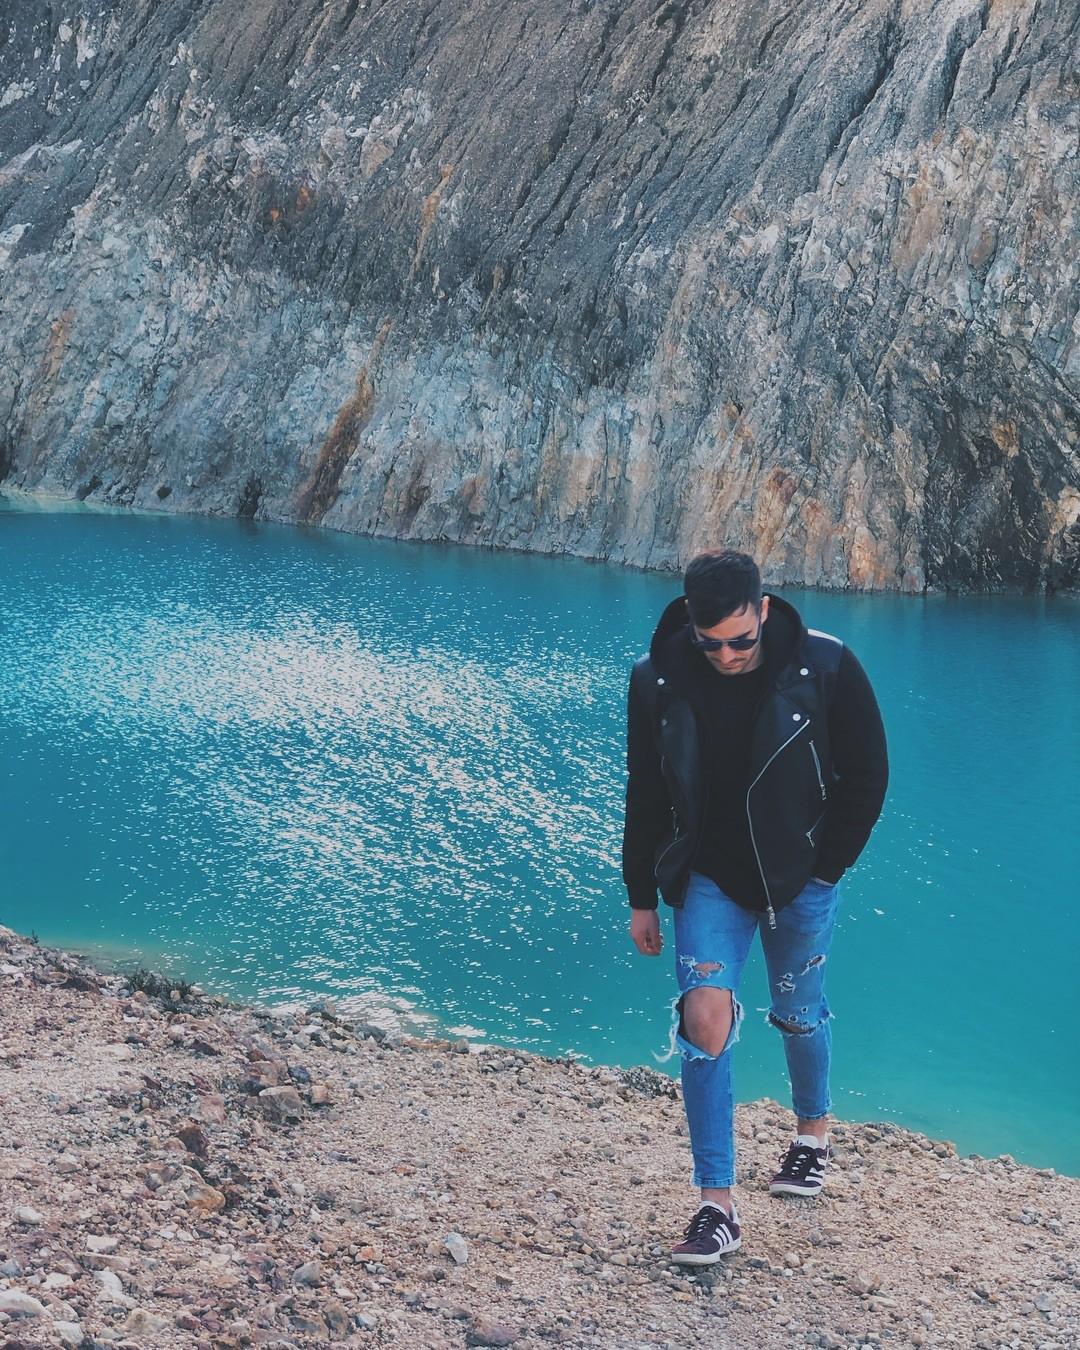 Sốc: Nhập viện hàng loạt sau khi bơi, hồ nước xanh lam nổi tiếng Tây Ban Nha này chính là hiểm họa với du khách - Ảnh 4.